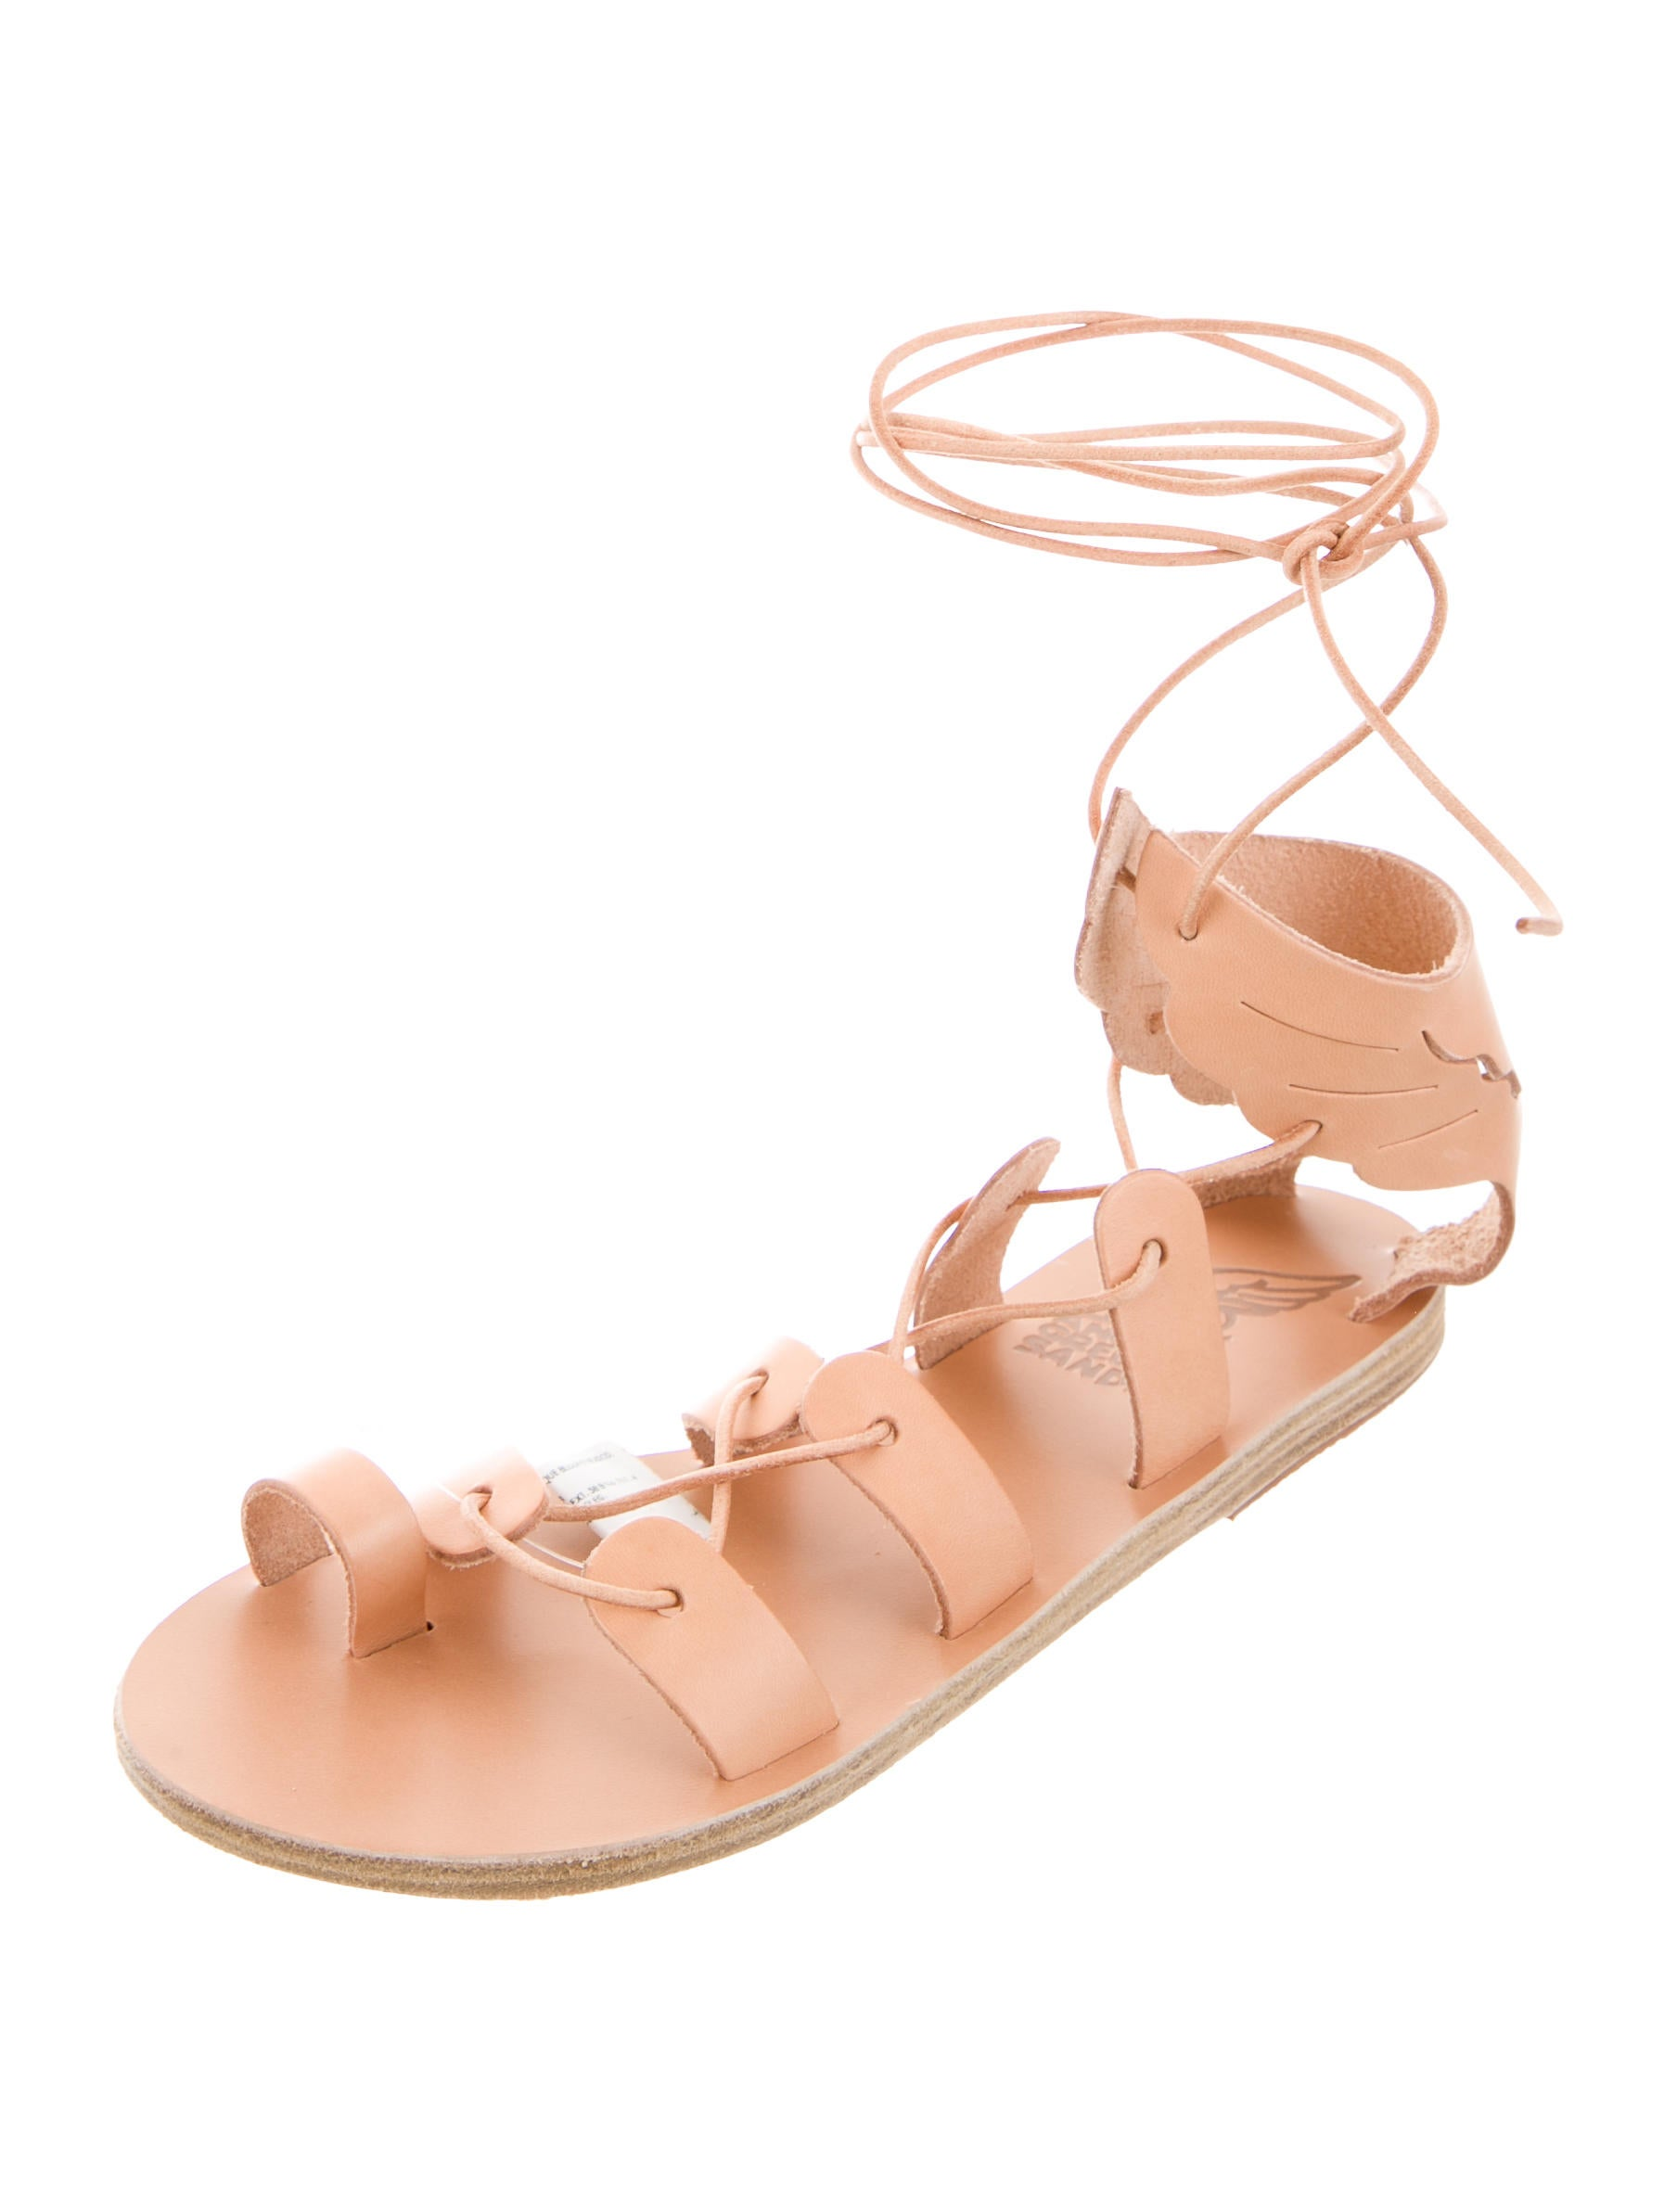 fteroti sandals